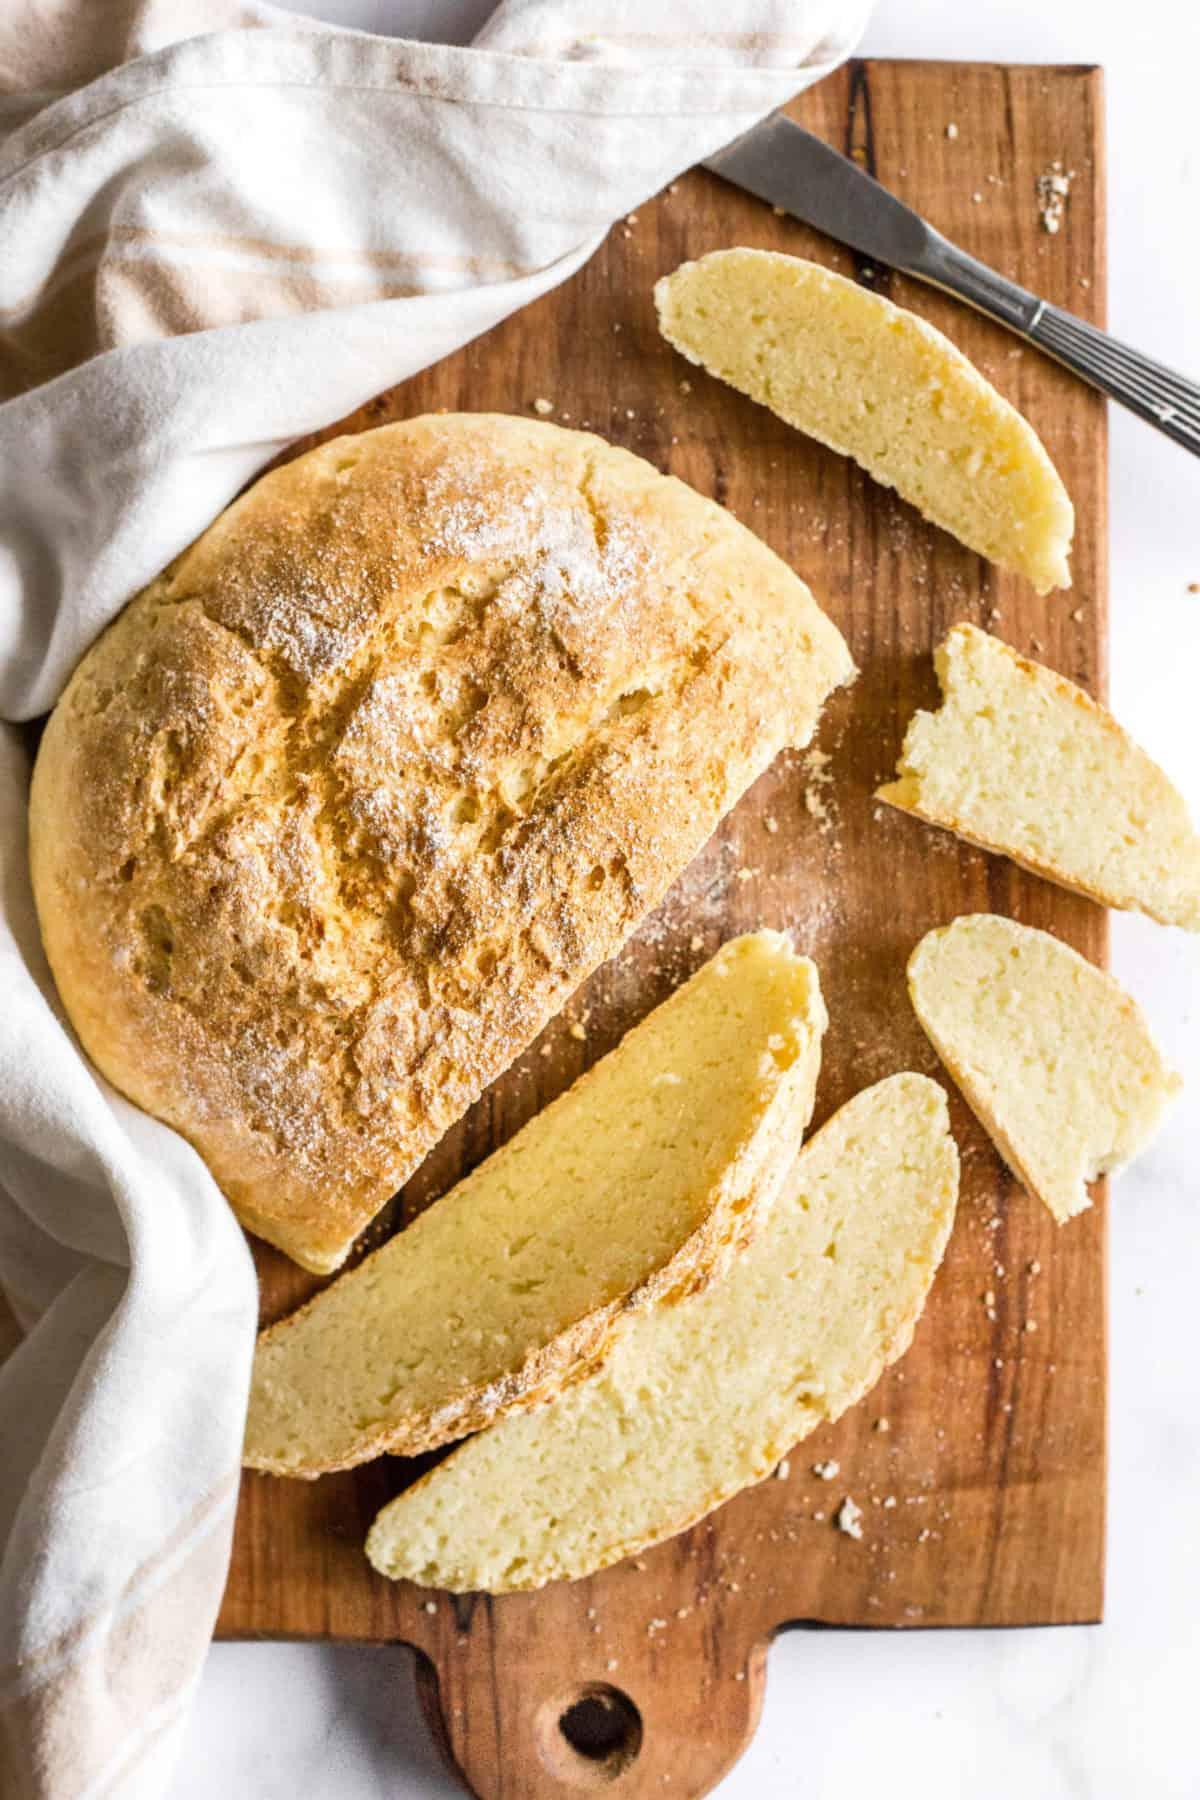 Gluten-Free No Knead Bread on Wooden Board